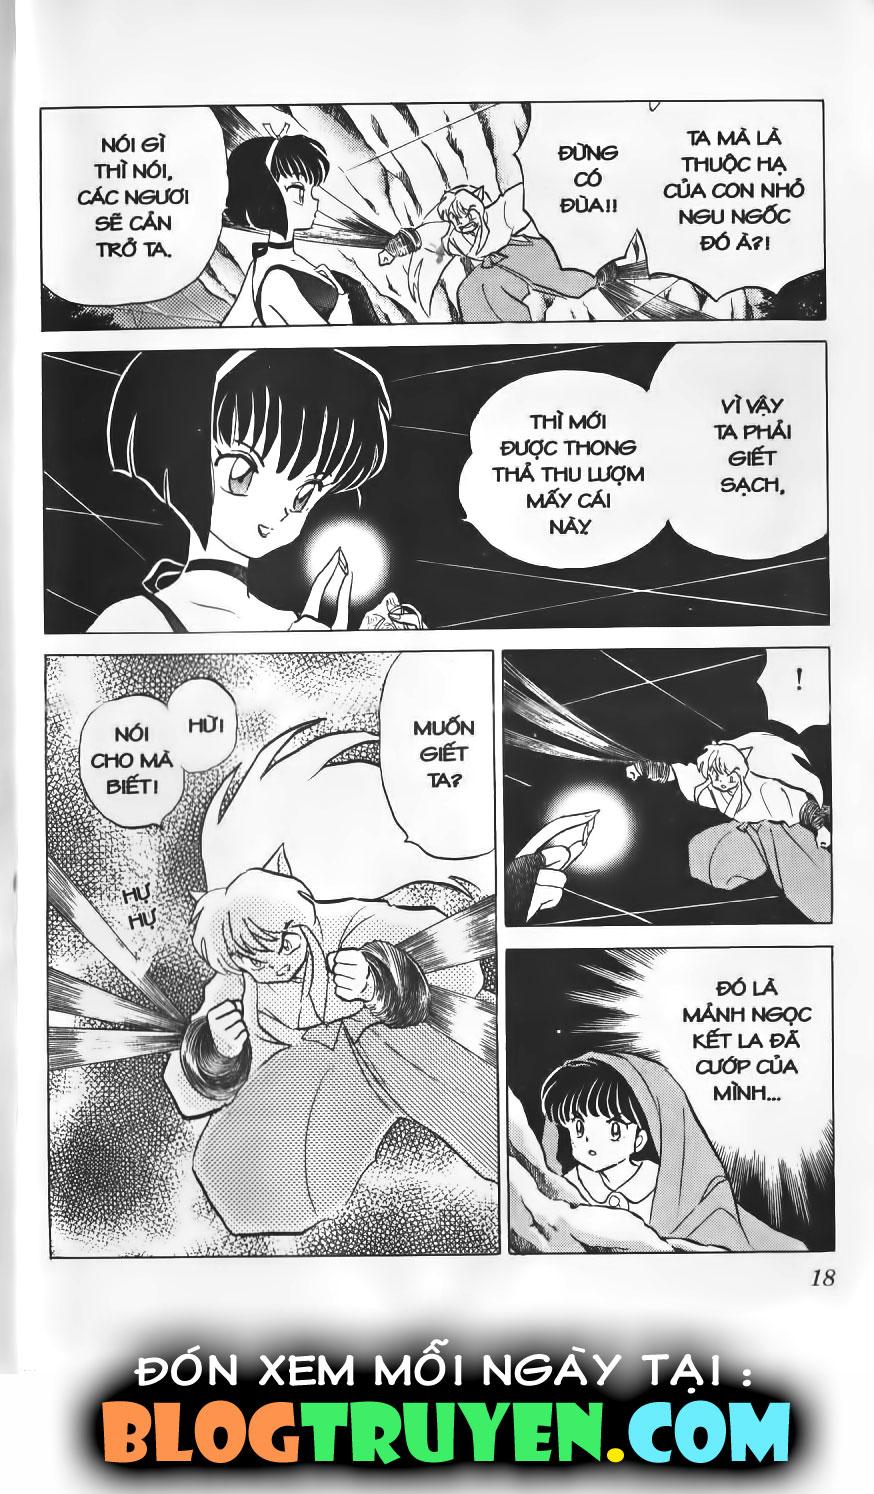 Inuyasha vol 02.1 trang 16